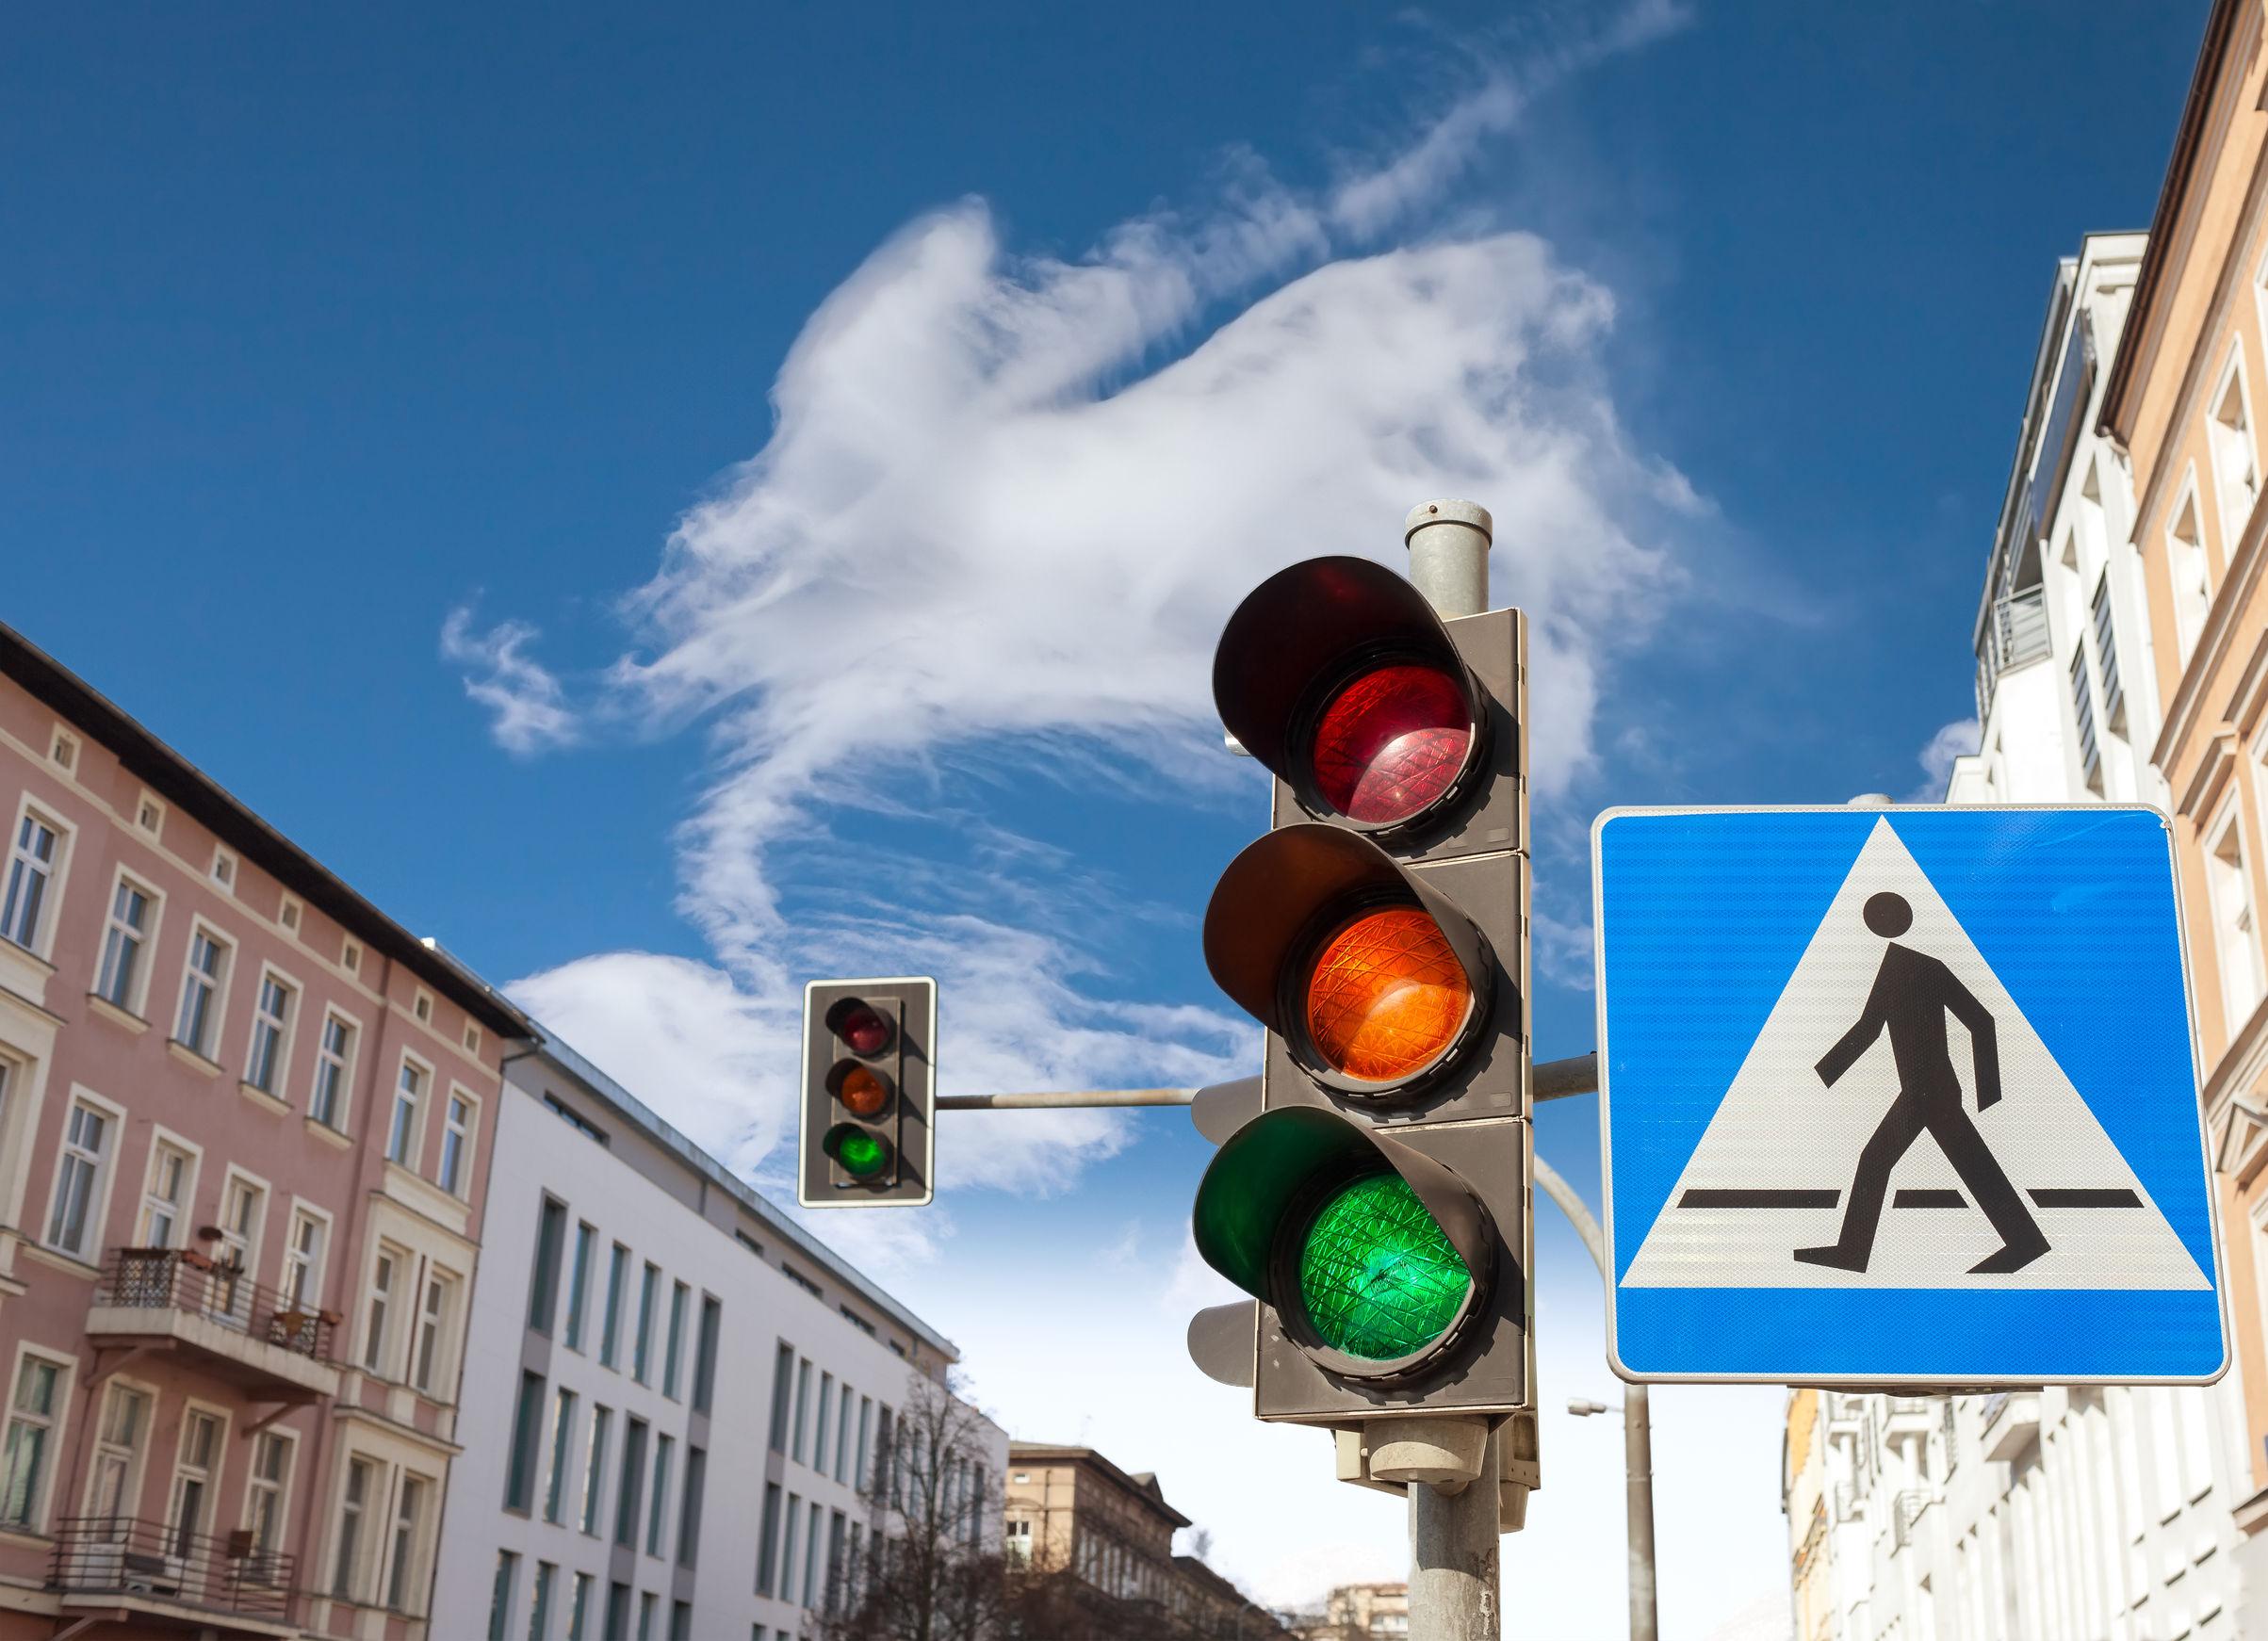 Segnali stradali cosa indicano quelli quadrati